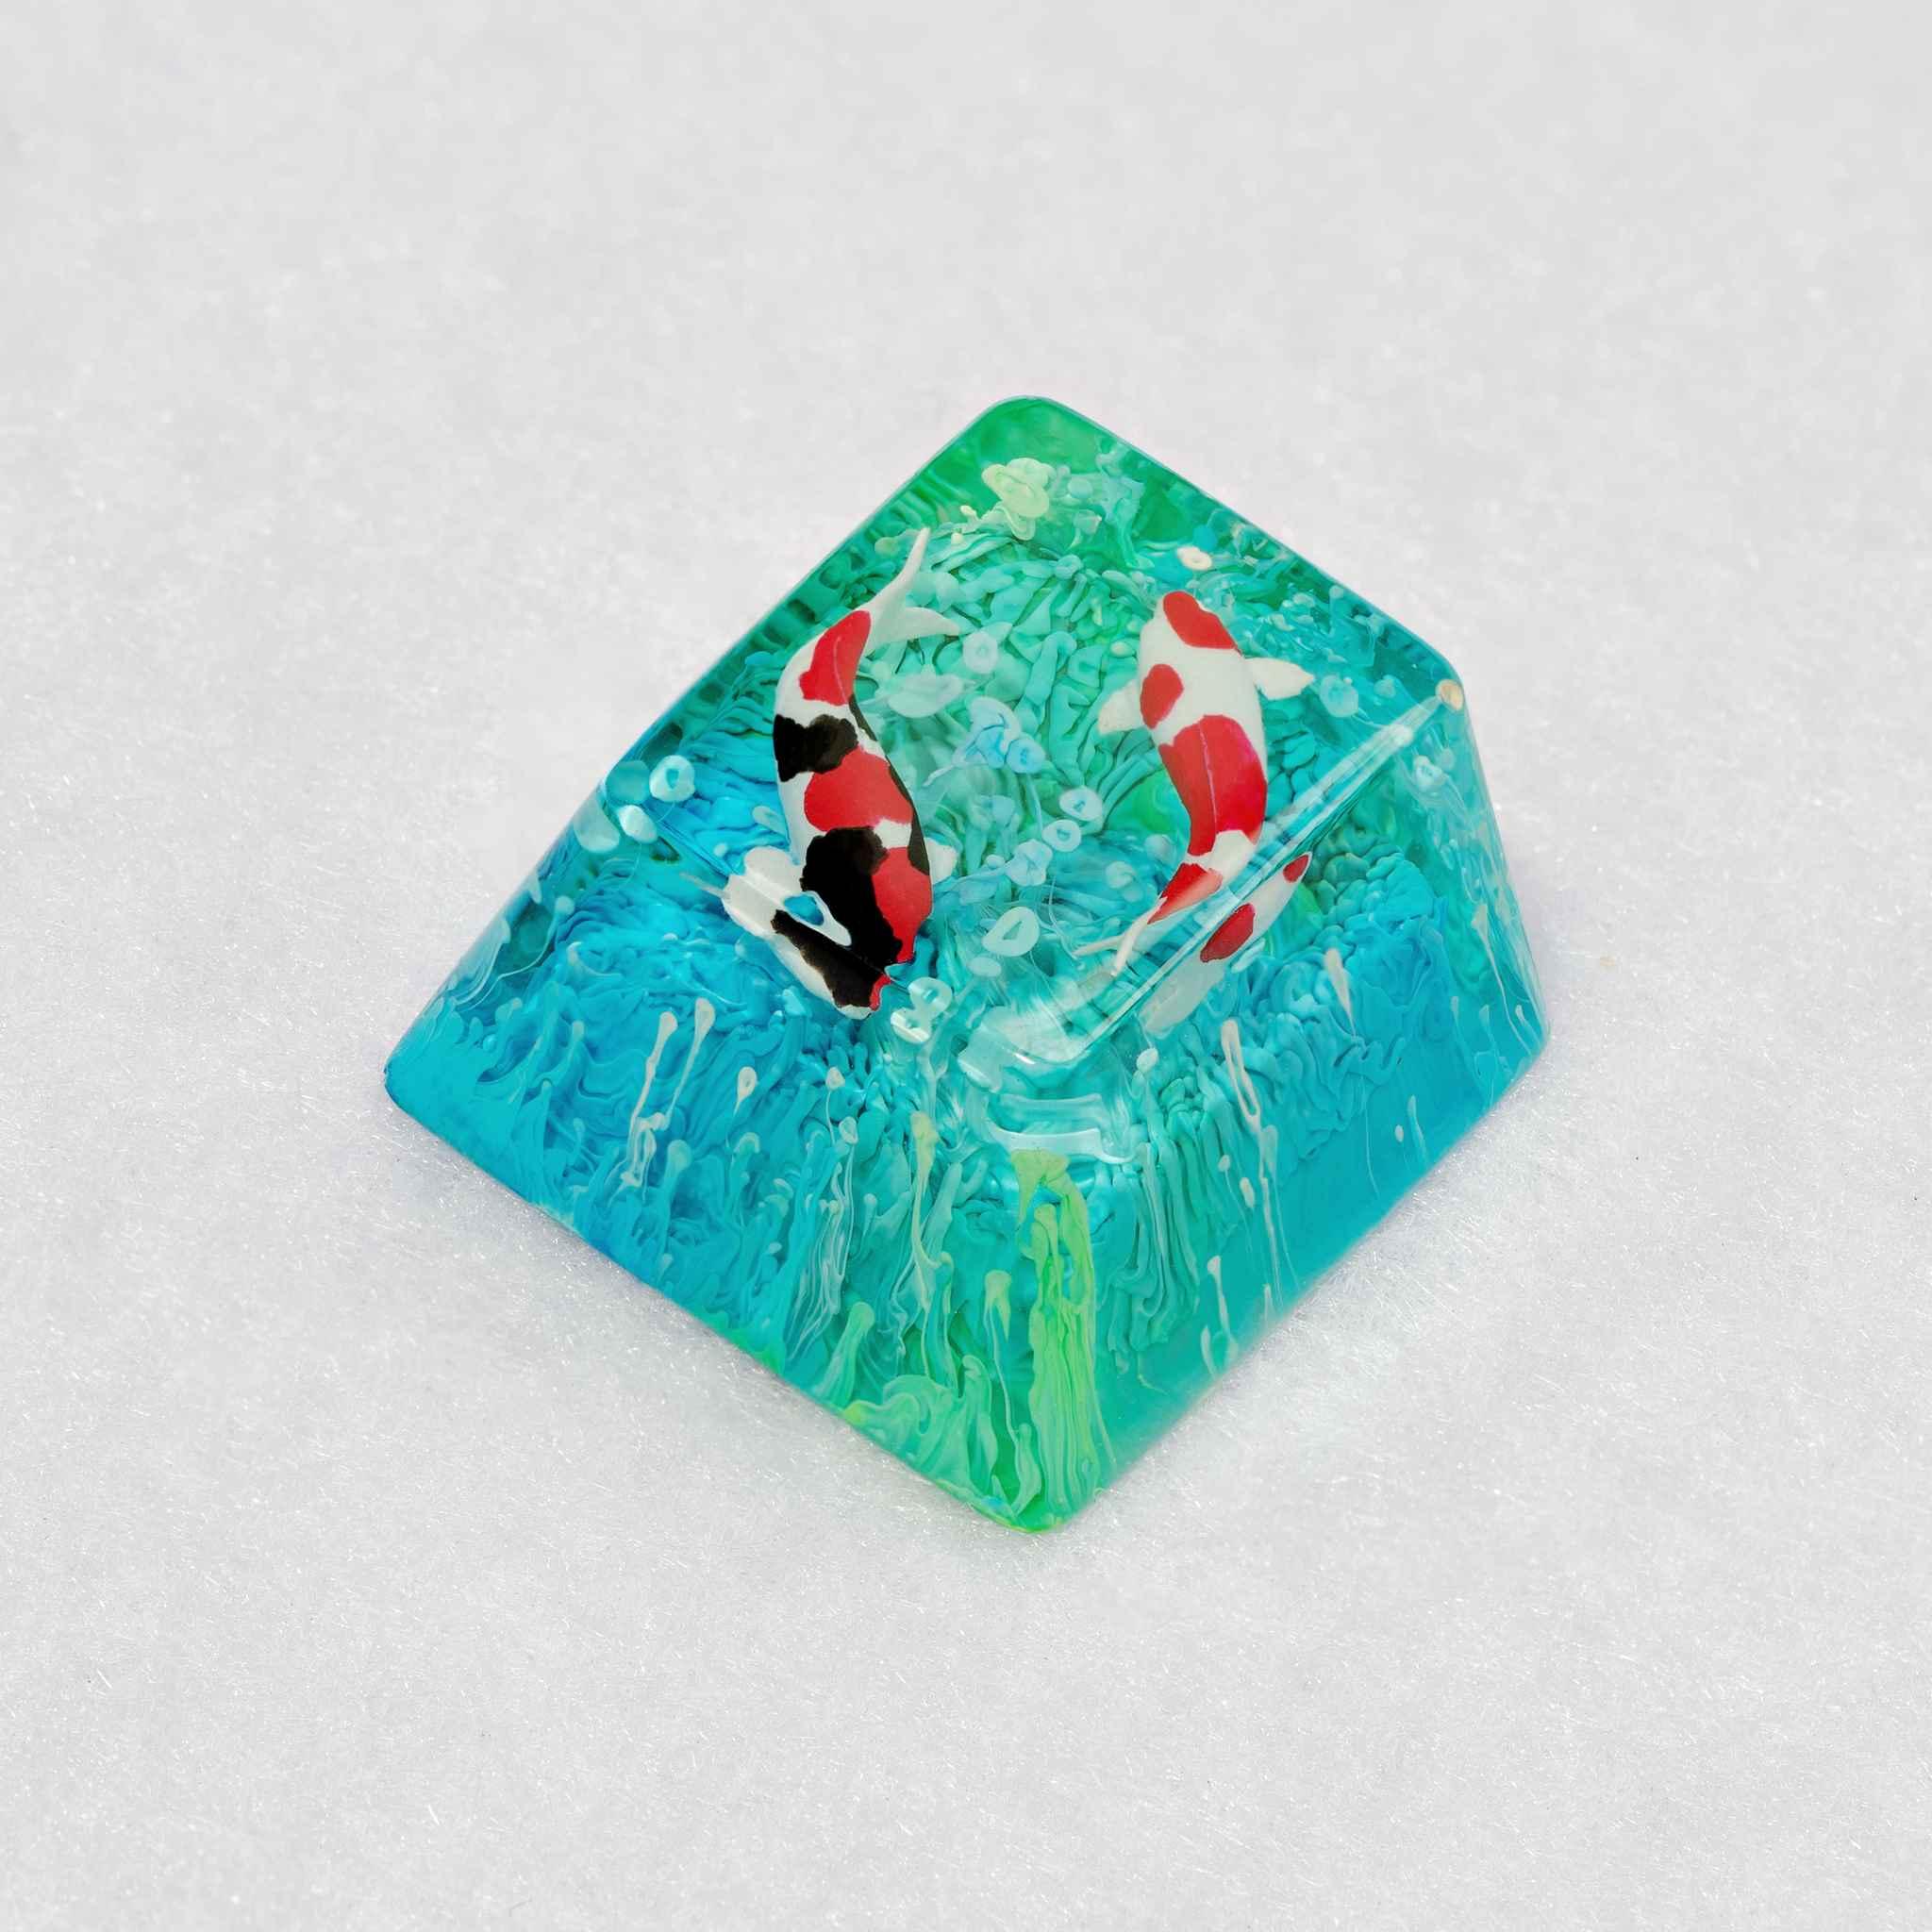 jelly key zen pond